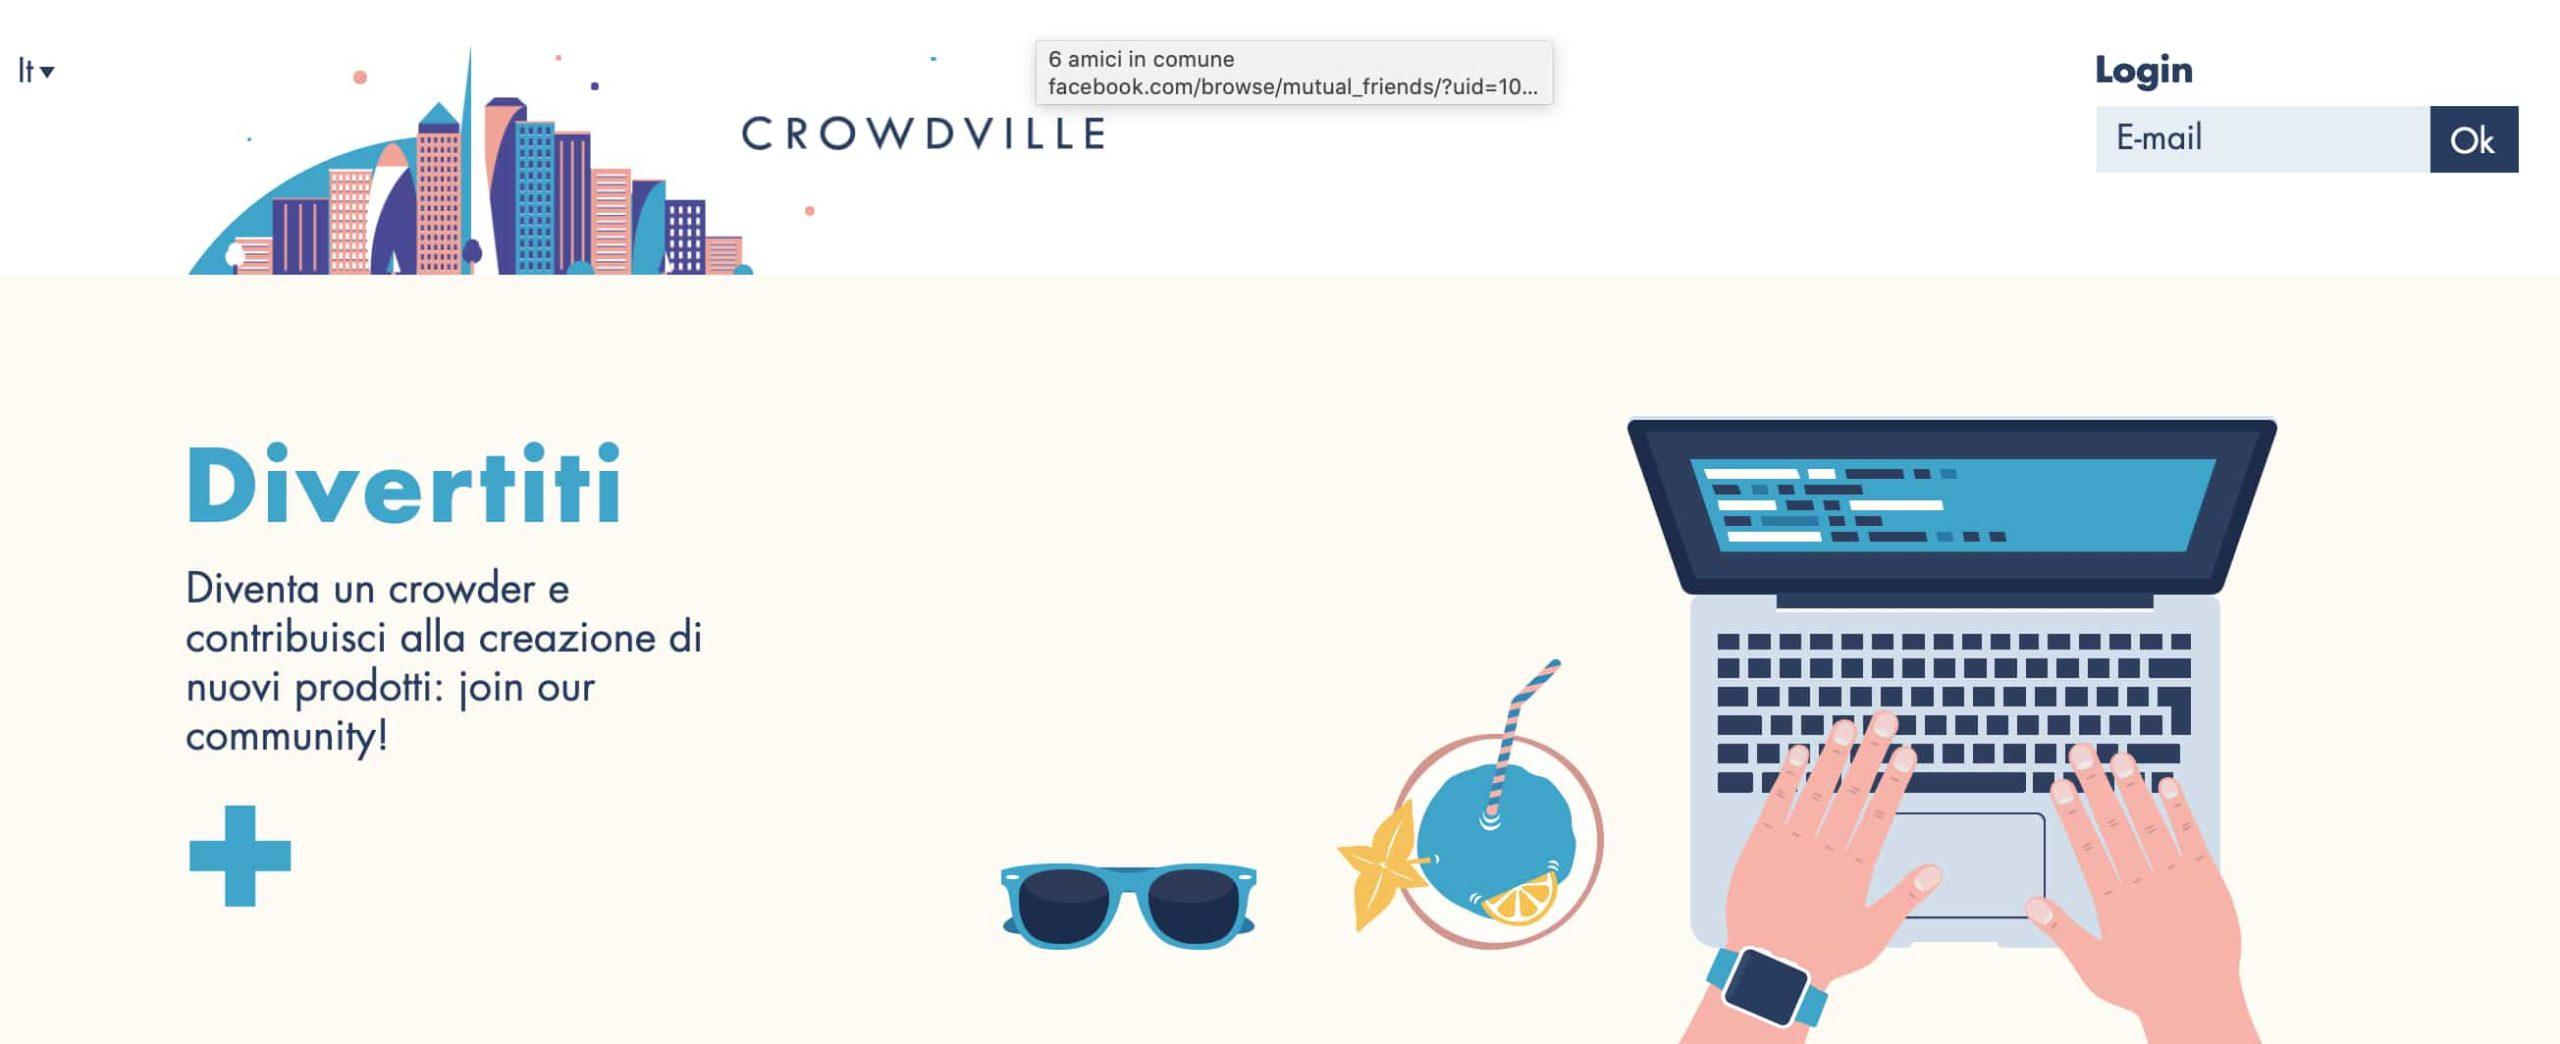 CrowdVille, immagine del sito